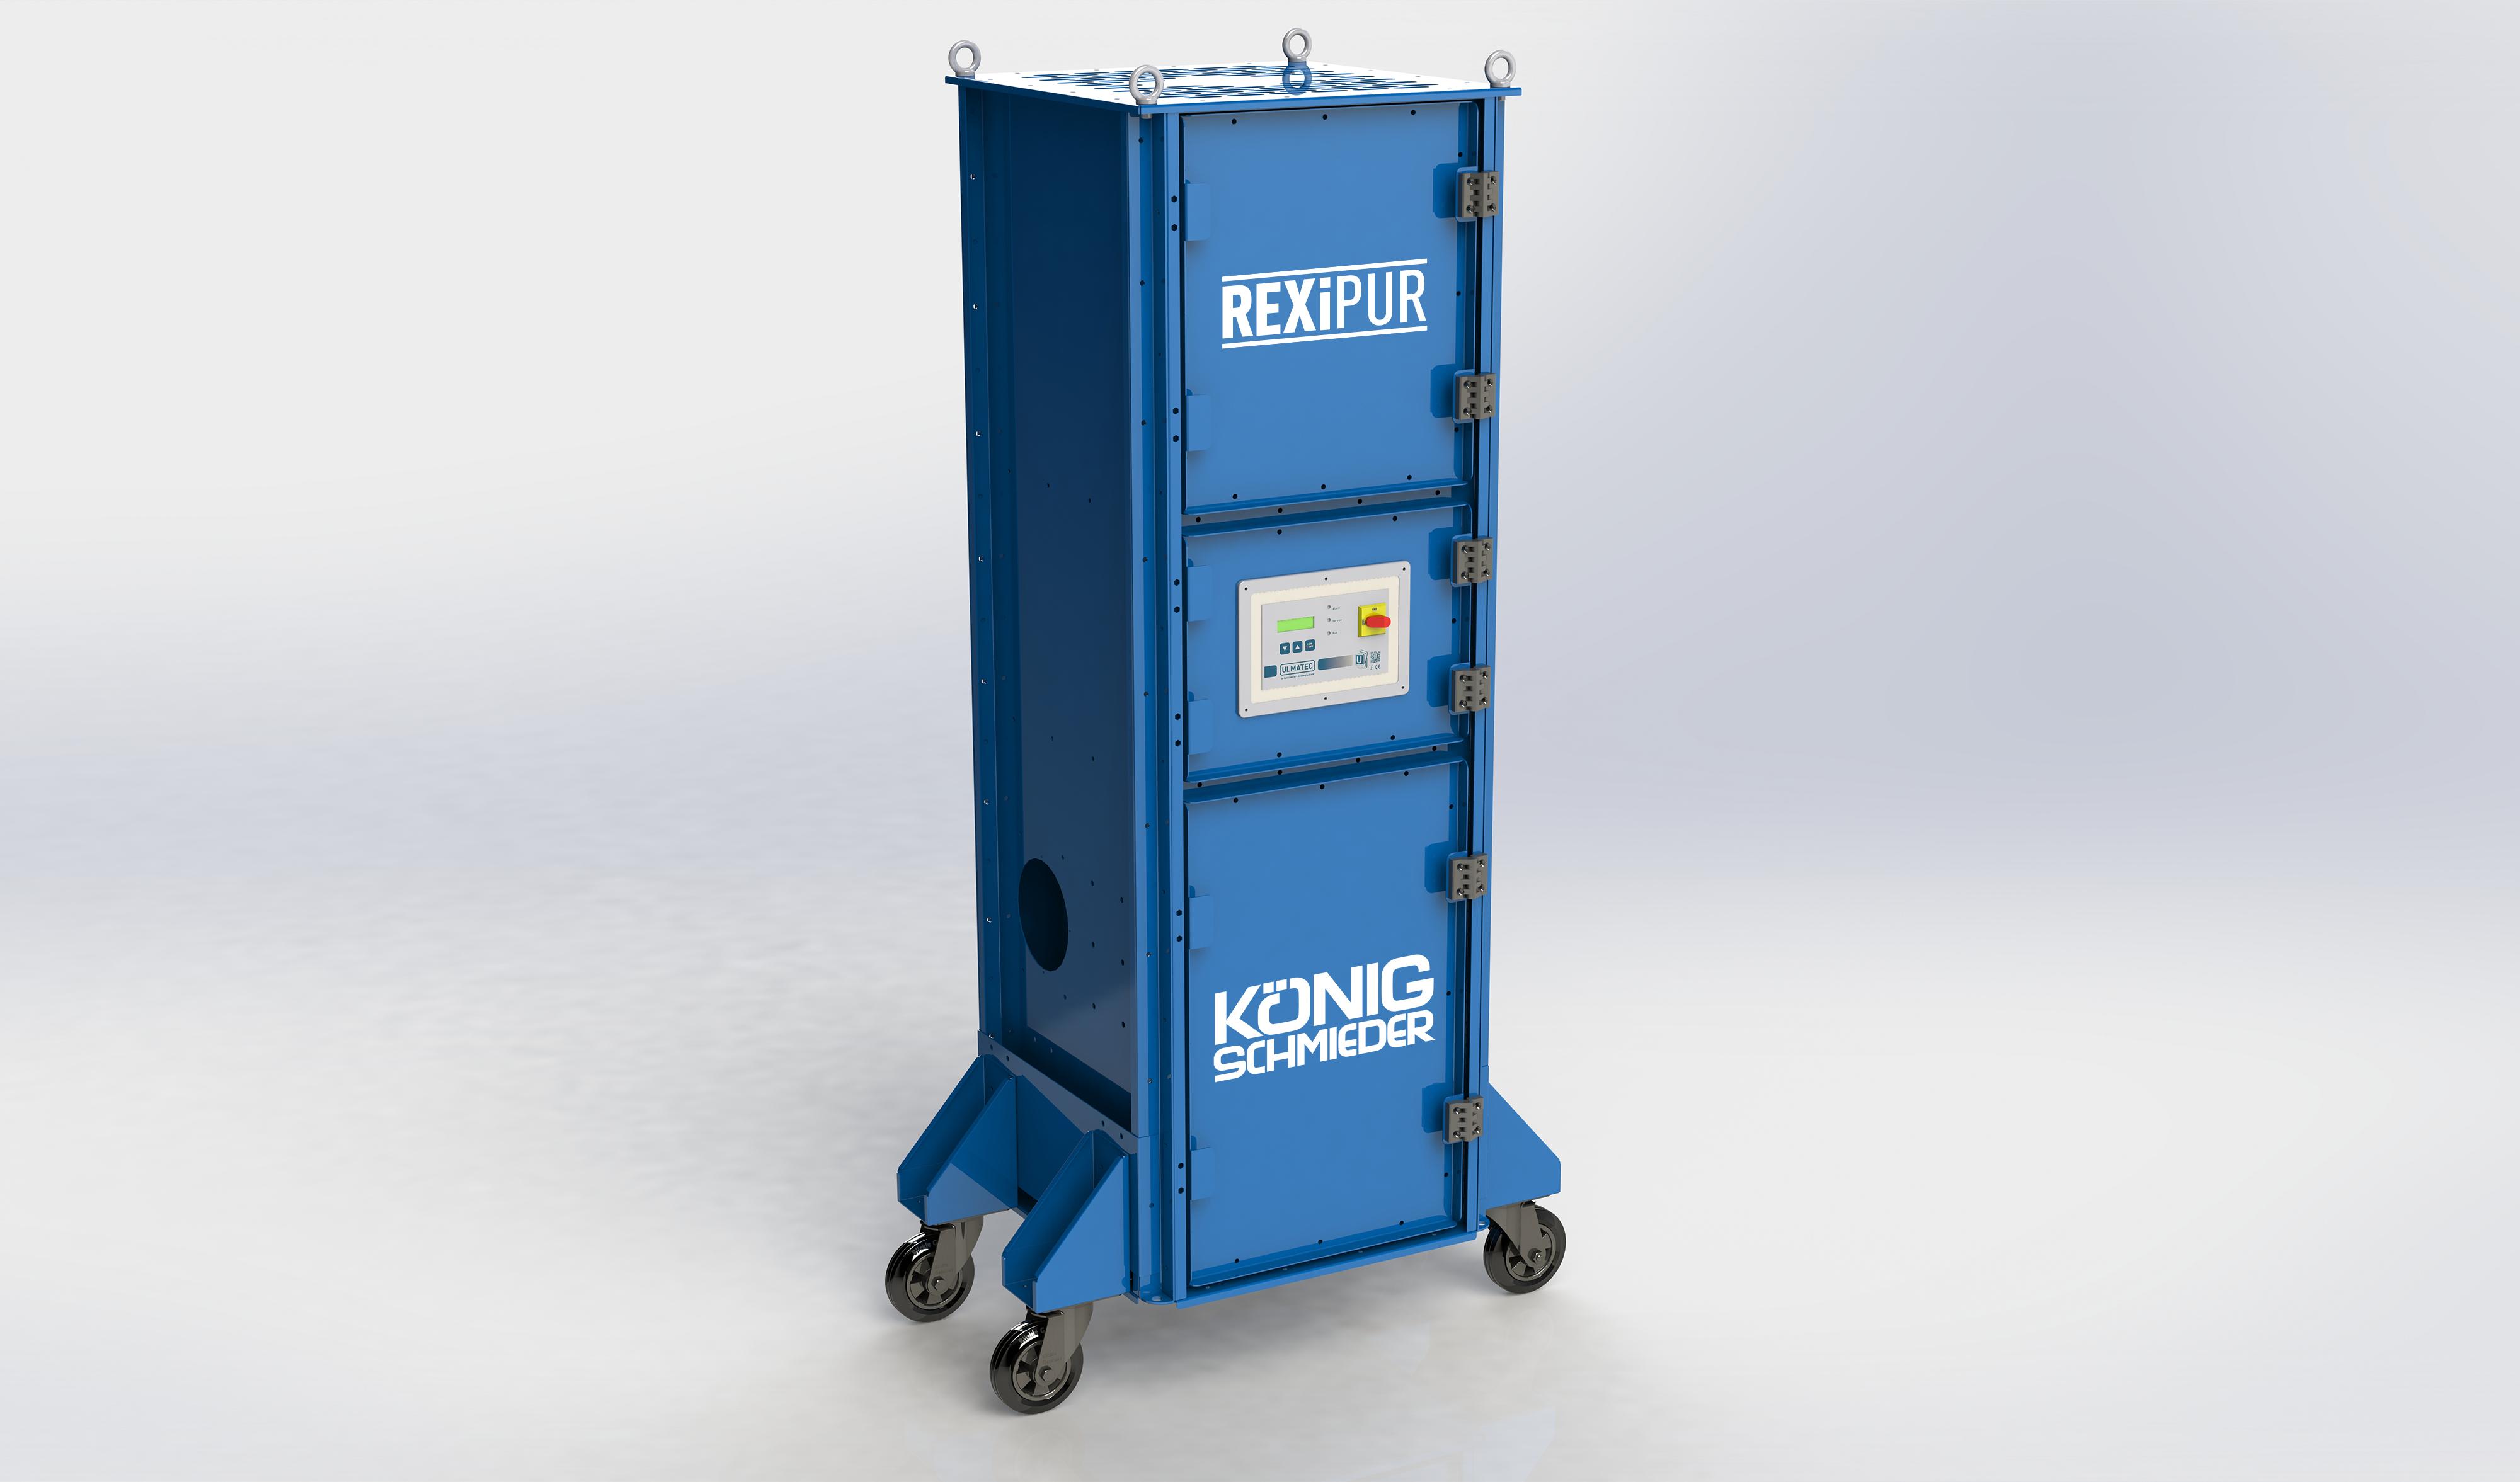 Mobiler Arbeitsplatzentstauber REXIPUR 2.2 Grundgerät / pneumatische Filterabreinigung